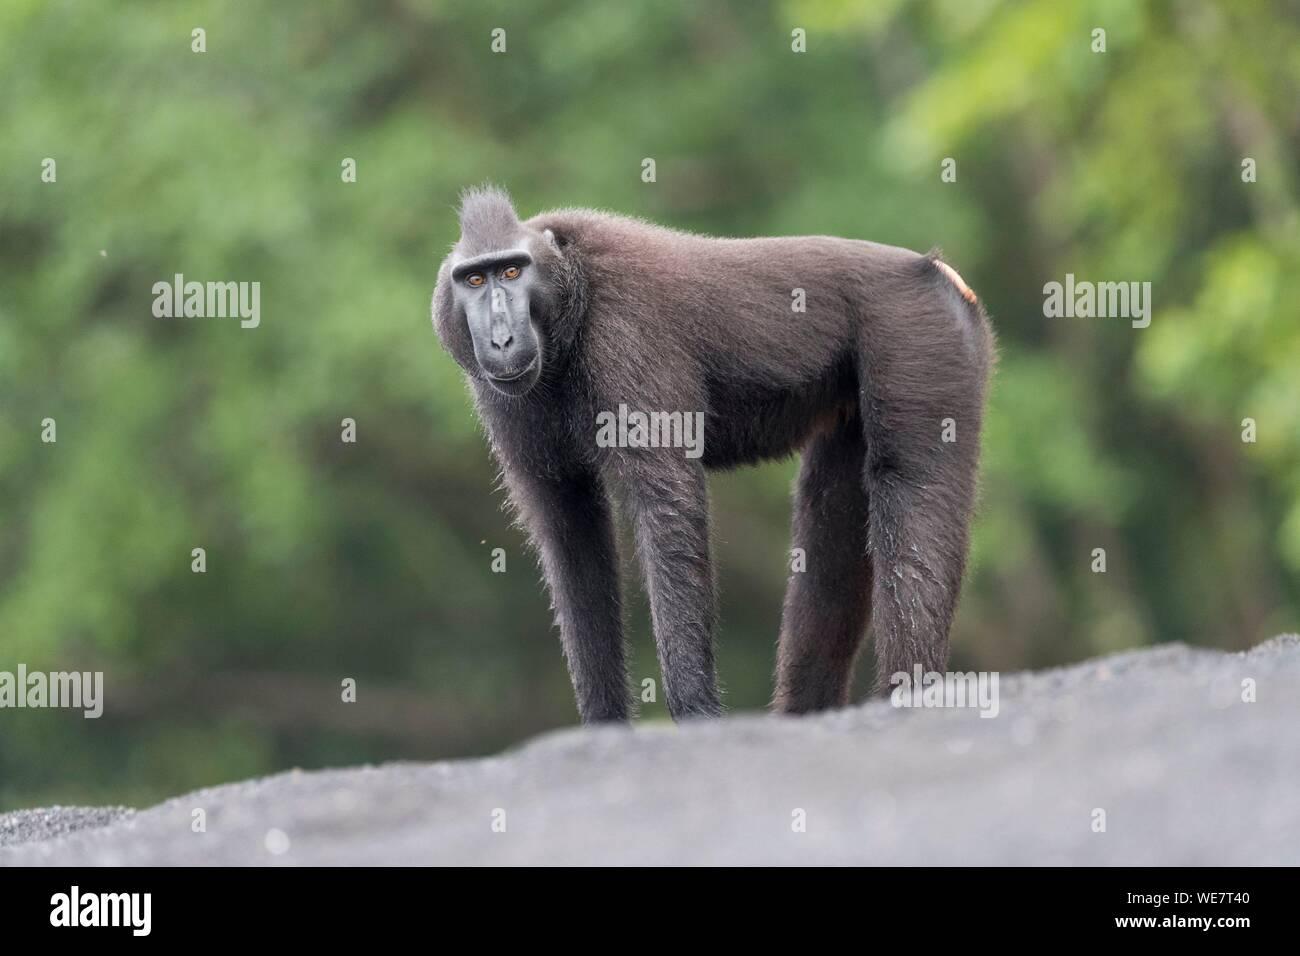 Indonesia, Célebes, Sulawesi, Parque Nacional Tangkoko, macaco crestado de Célebes o Sulawesi, macaco negro crestado crestados, macaco o el negro ape (Macaca nigra) Foto de stock